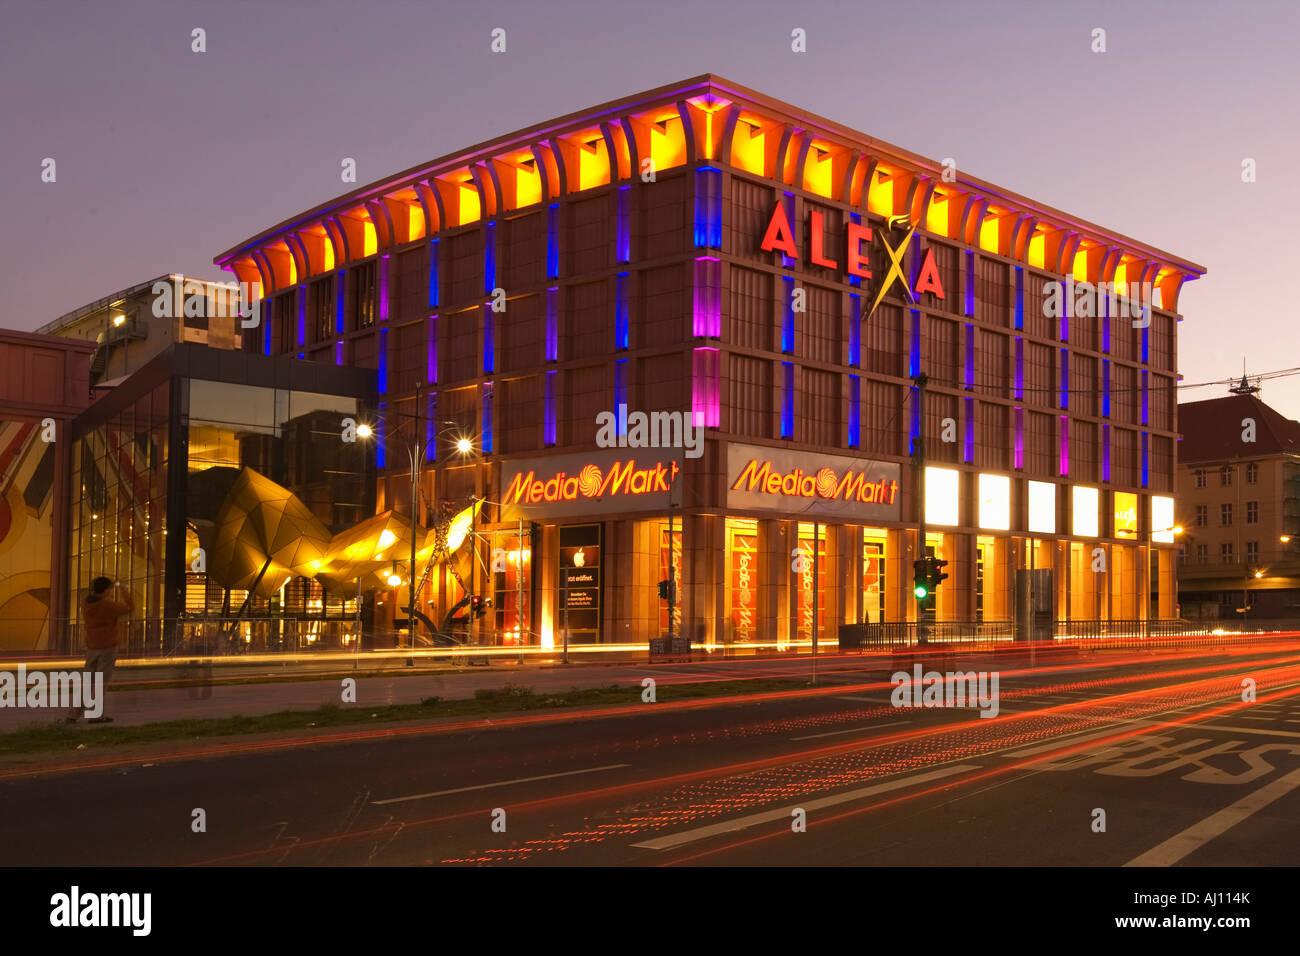 berlin alexa shopping center media markt in der n he von alexanderplatz stockfoto bild. Black Bedroom Furniture Sets. Home Design Ideas